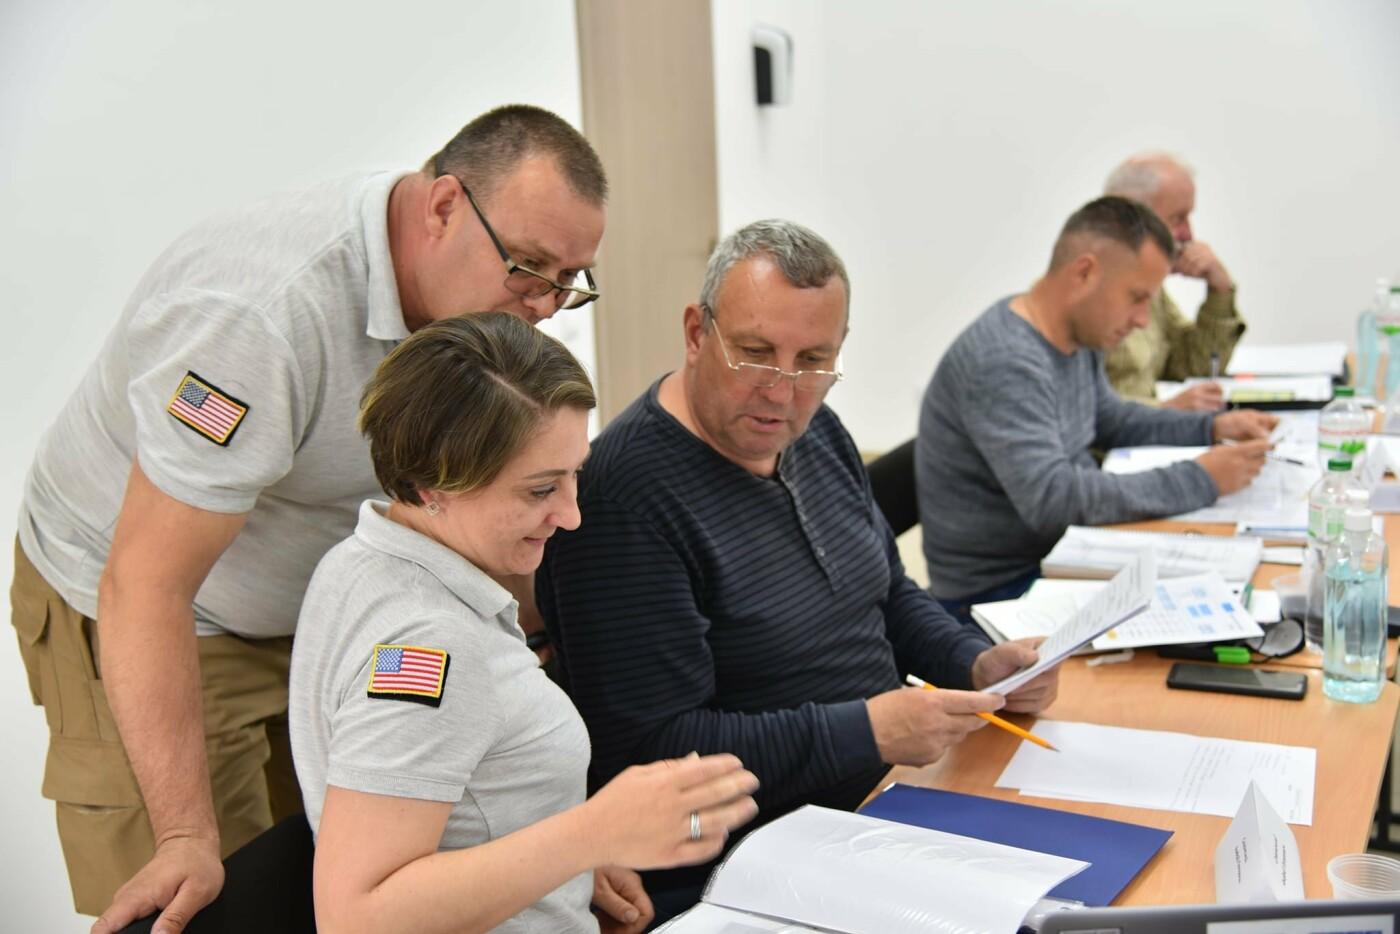 У Кам'янці сертифікували організацію, що займається протимінною діяльністю, фото-11, Фото: пресслужба Військової частини А2641